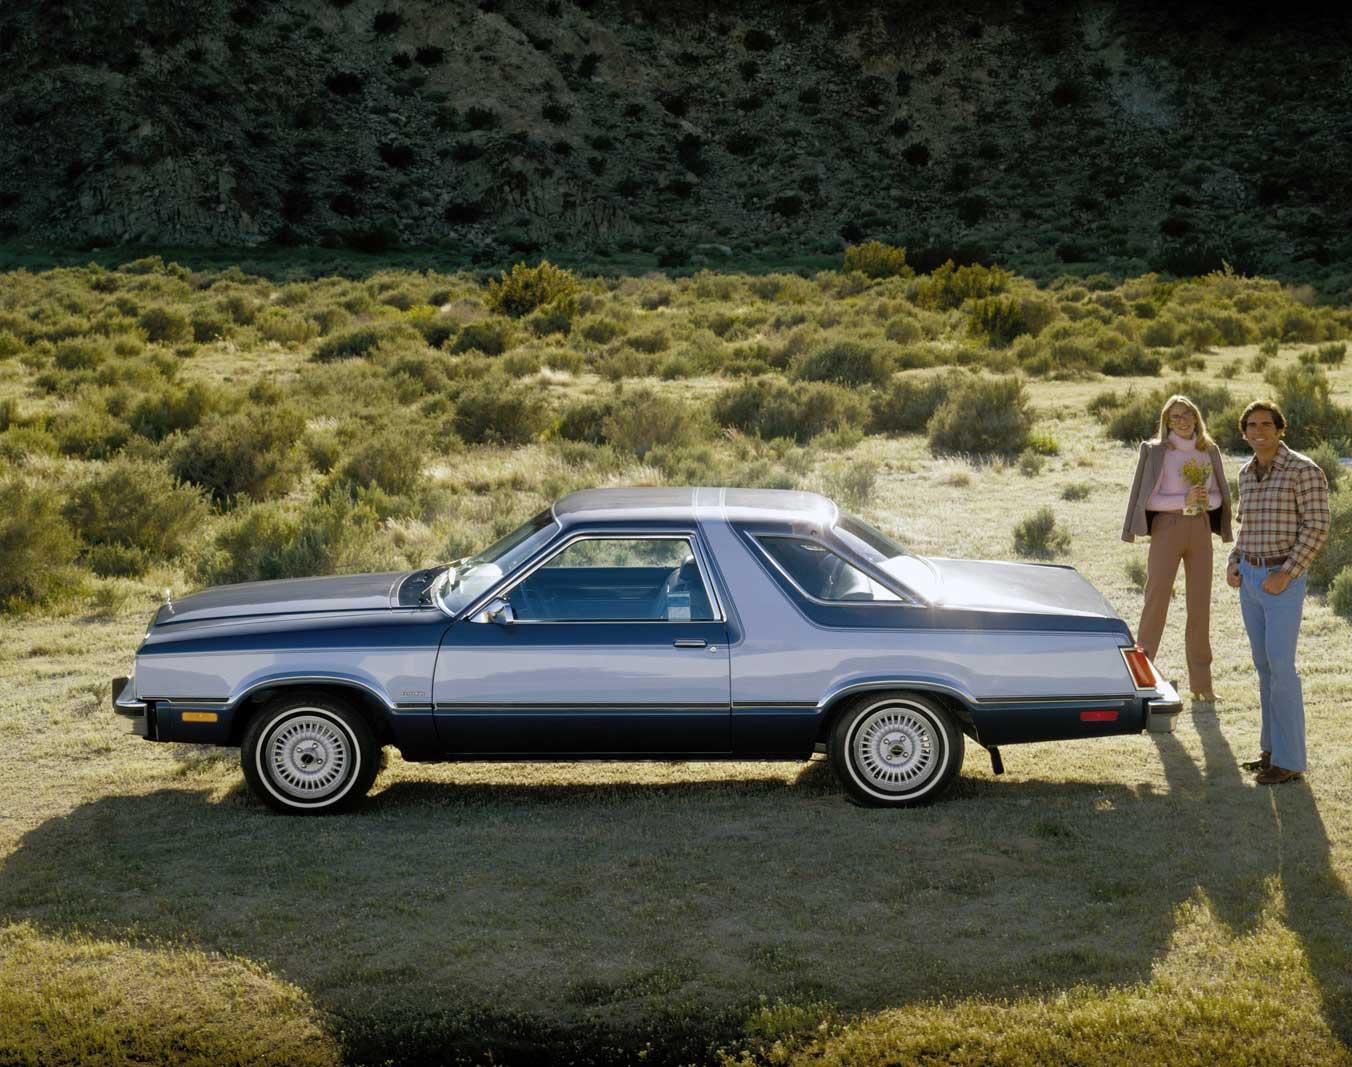 les plus belles photos de la Ford Fairmont Futura en version coupé et berline Ford_fairmont_futura_belle_photo_0014